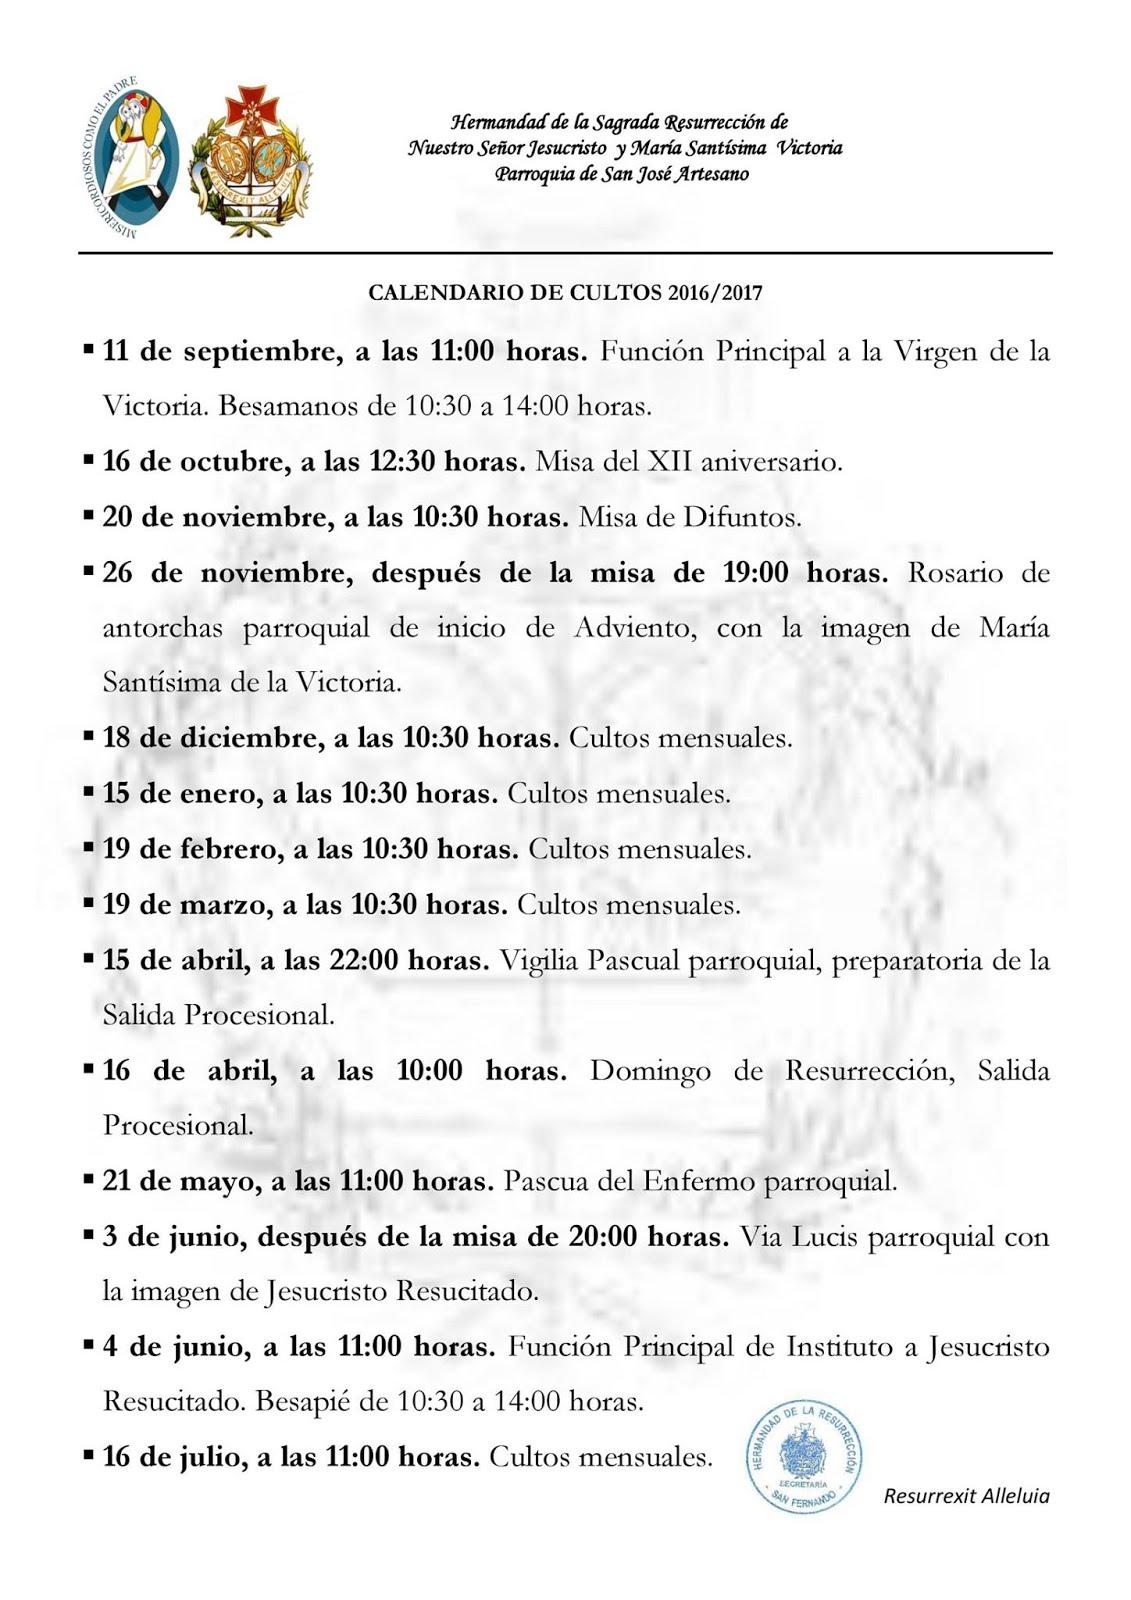 Calendario de cultos 16/17